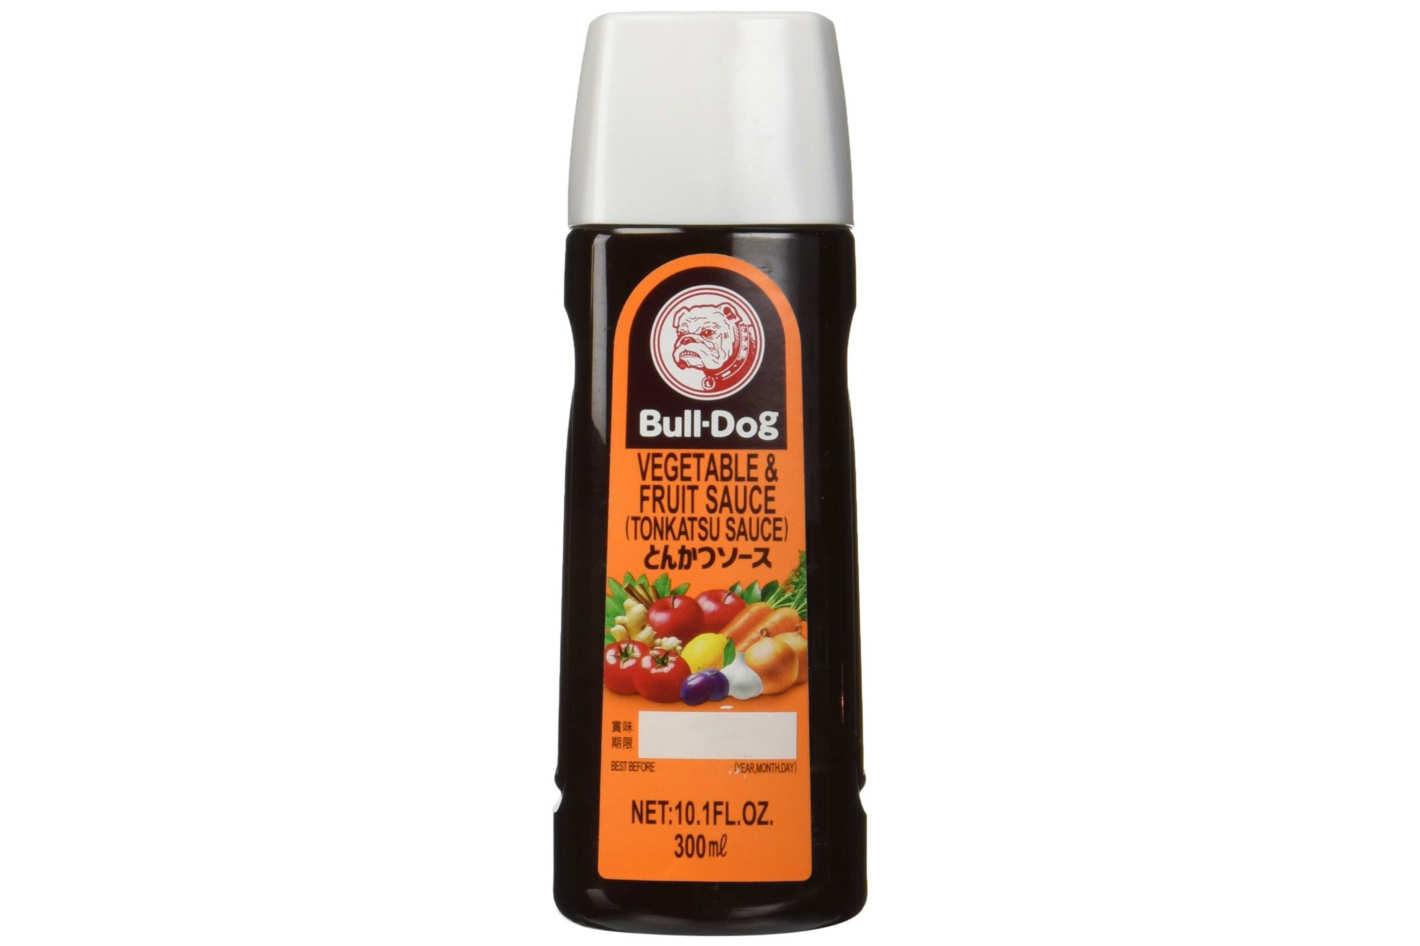 bull-dog-japanese-tonkatsu-sauce